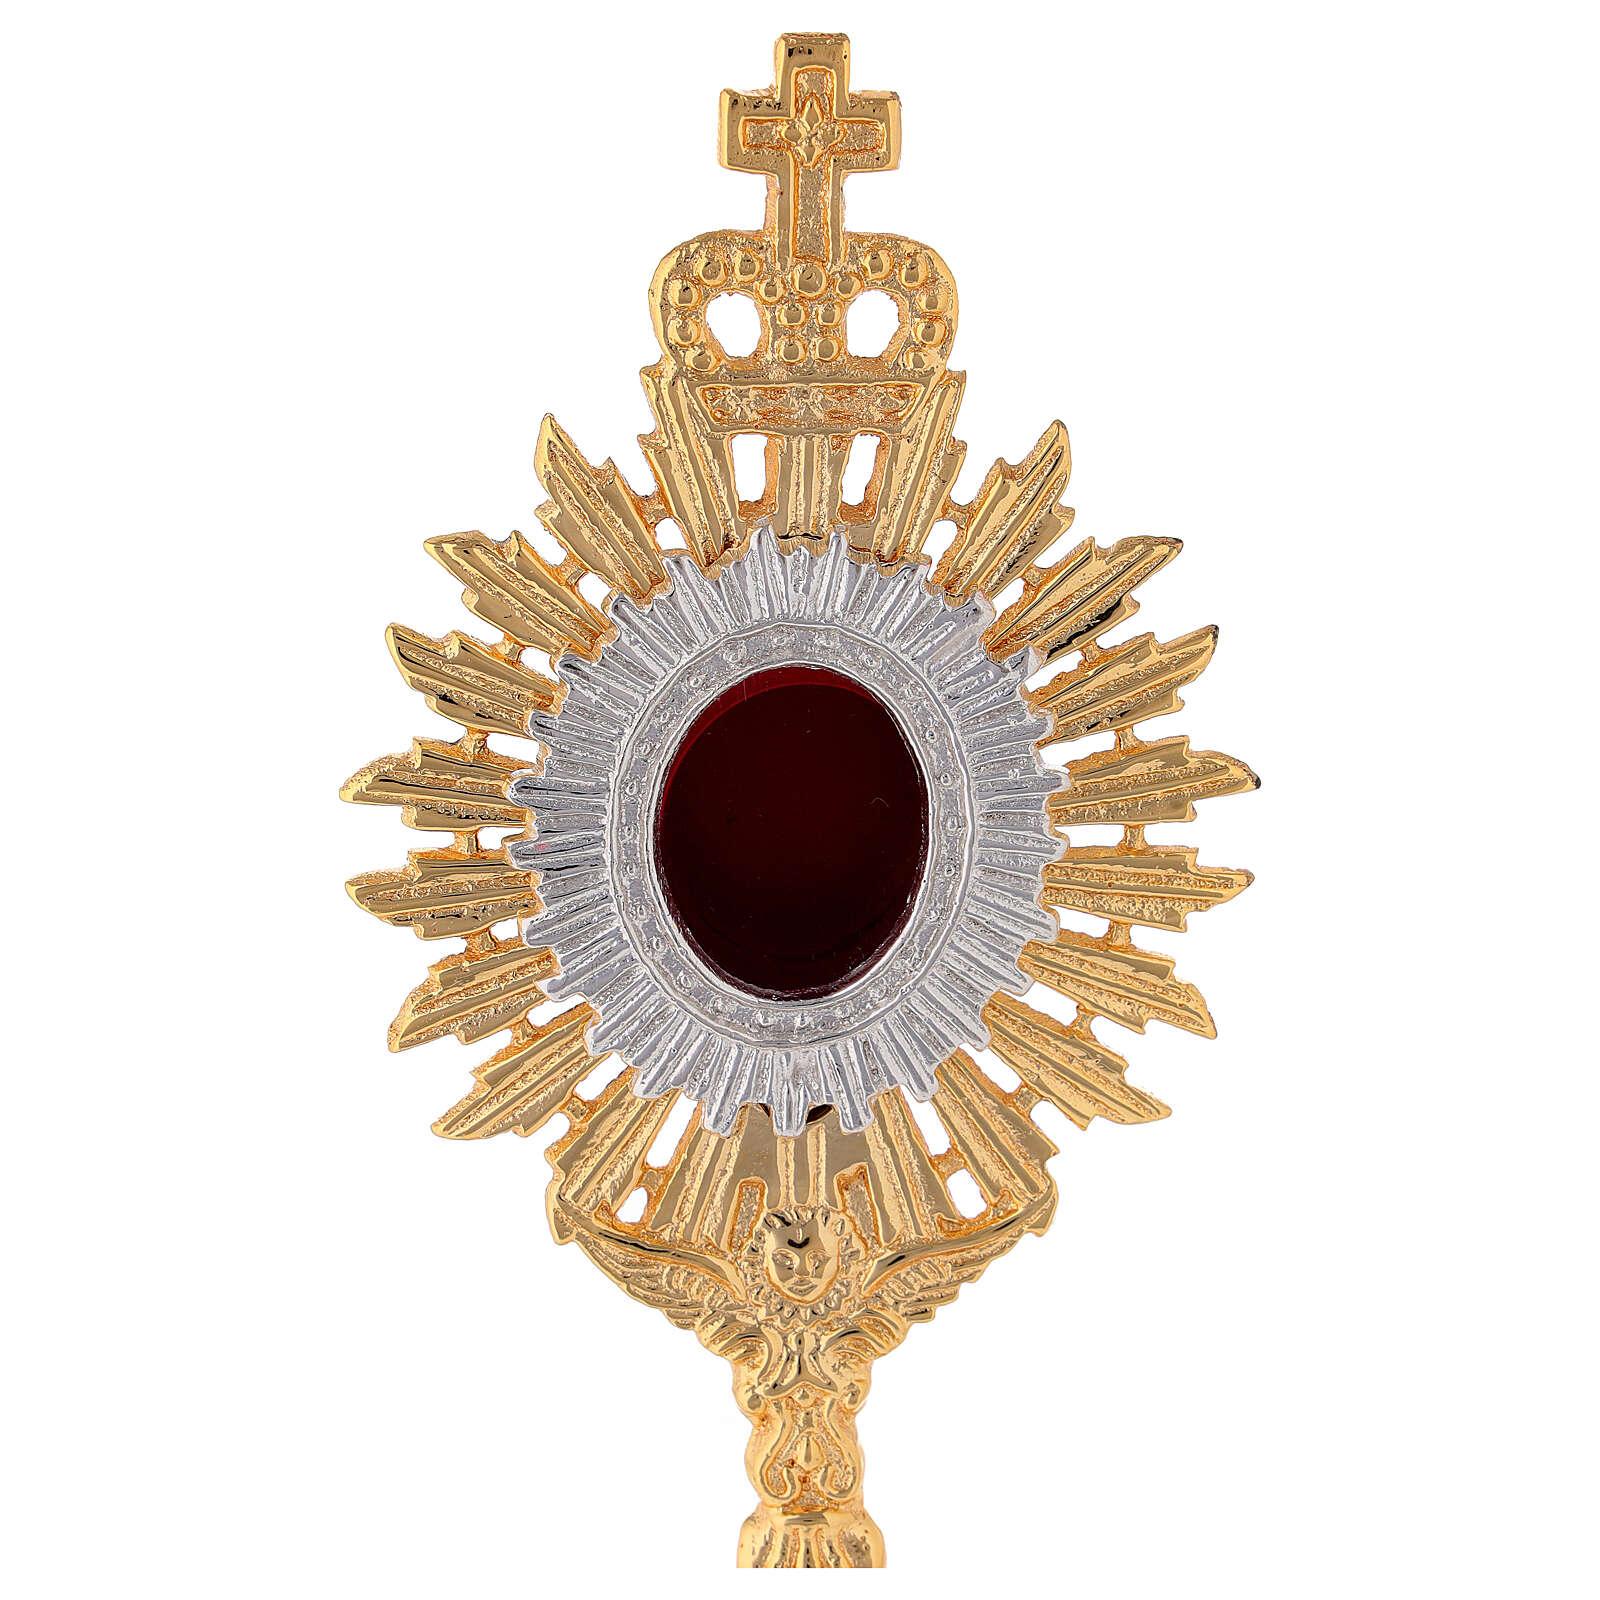 Mini reliquaire laiton doré h 18 cm couronne royale rayons 4